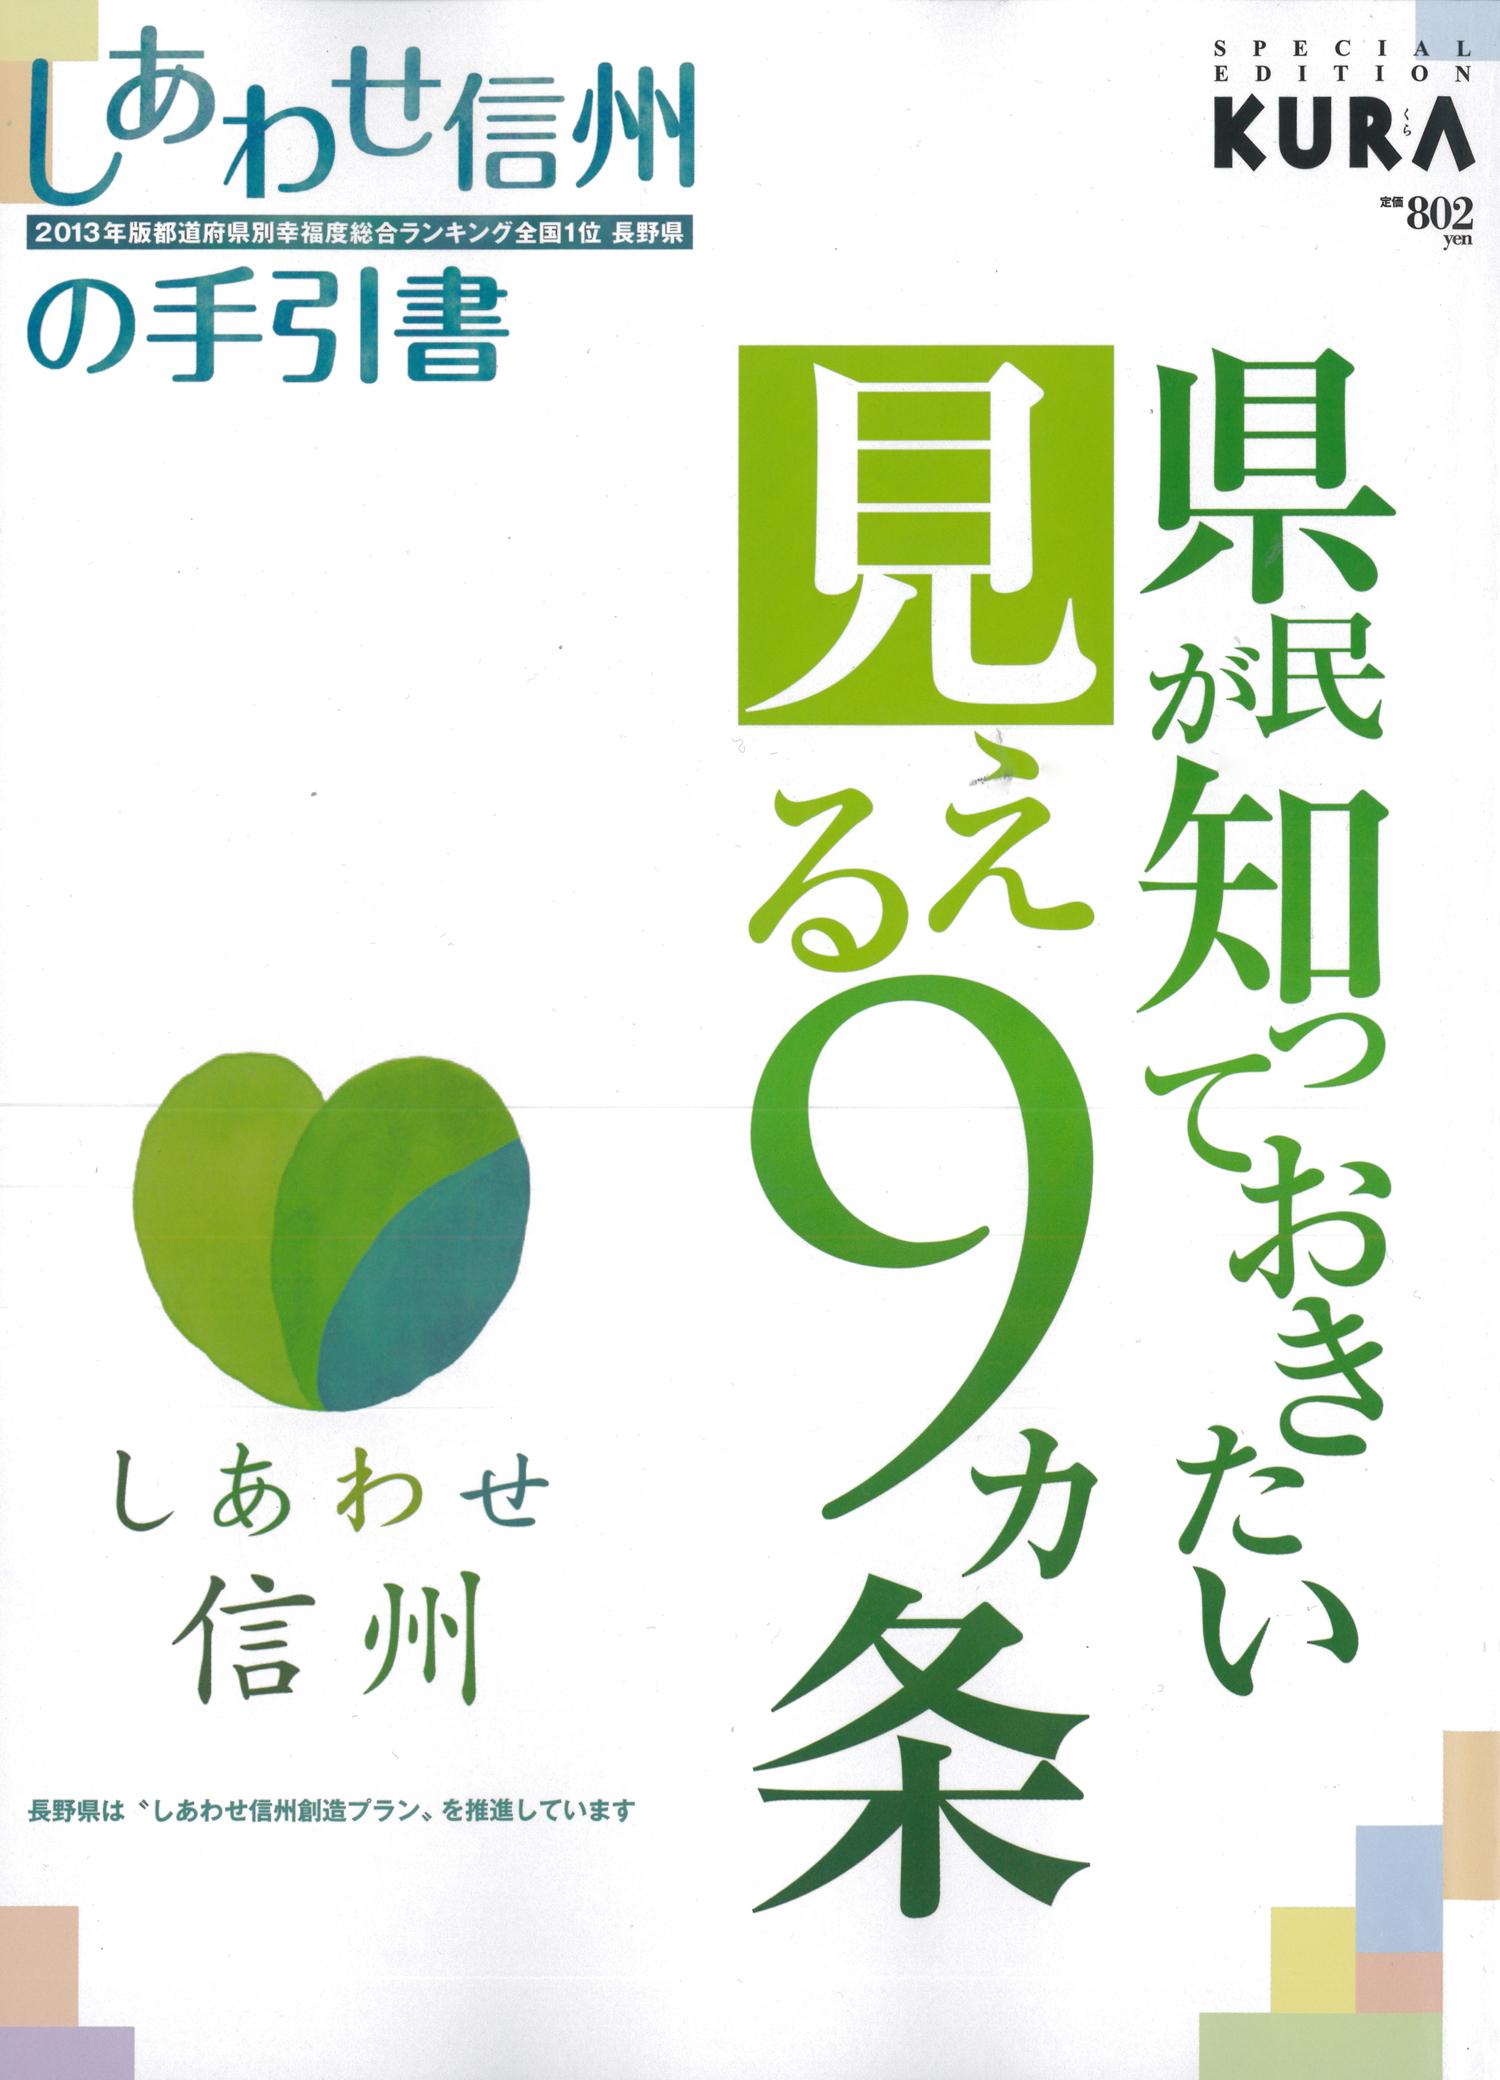 【掲載情報】「KURA special edition」